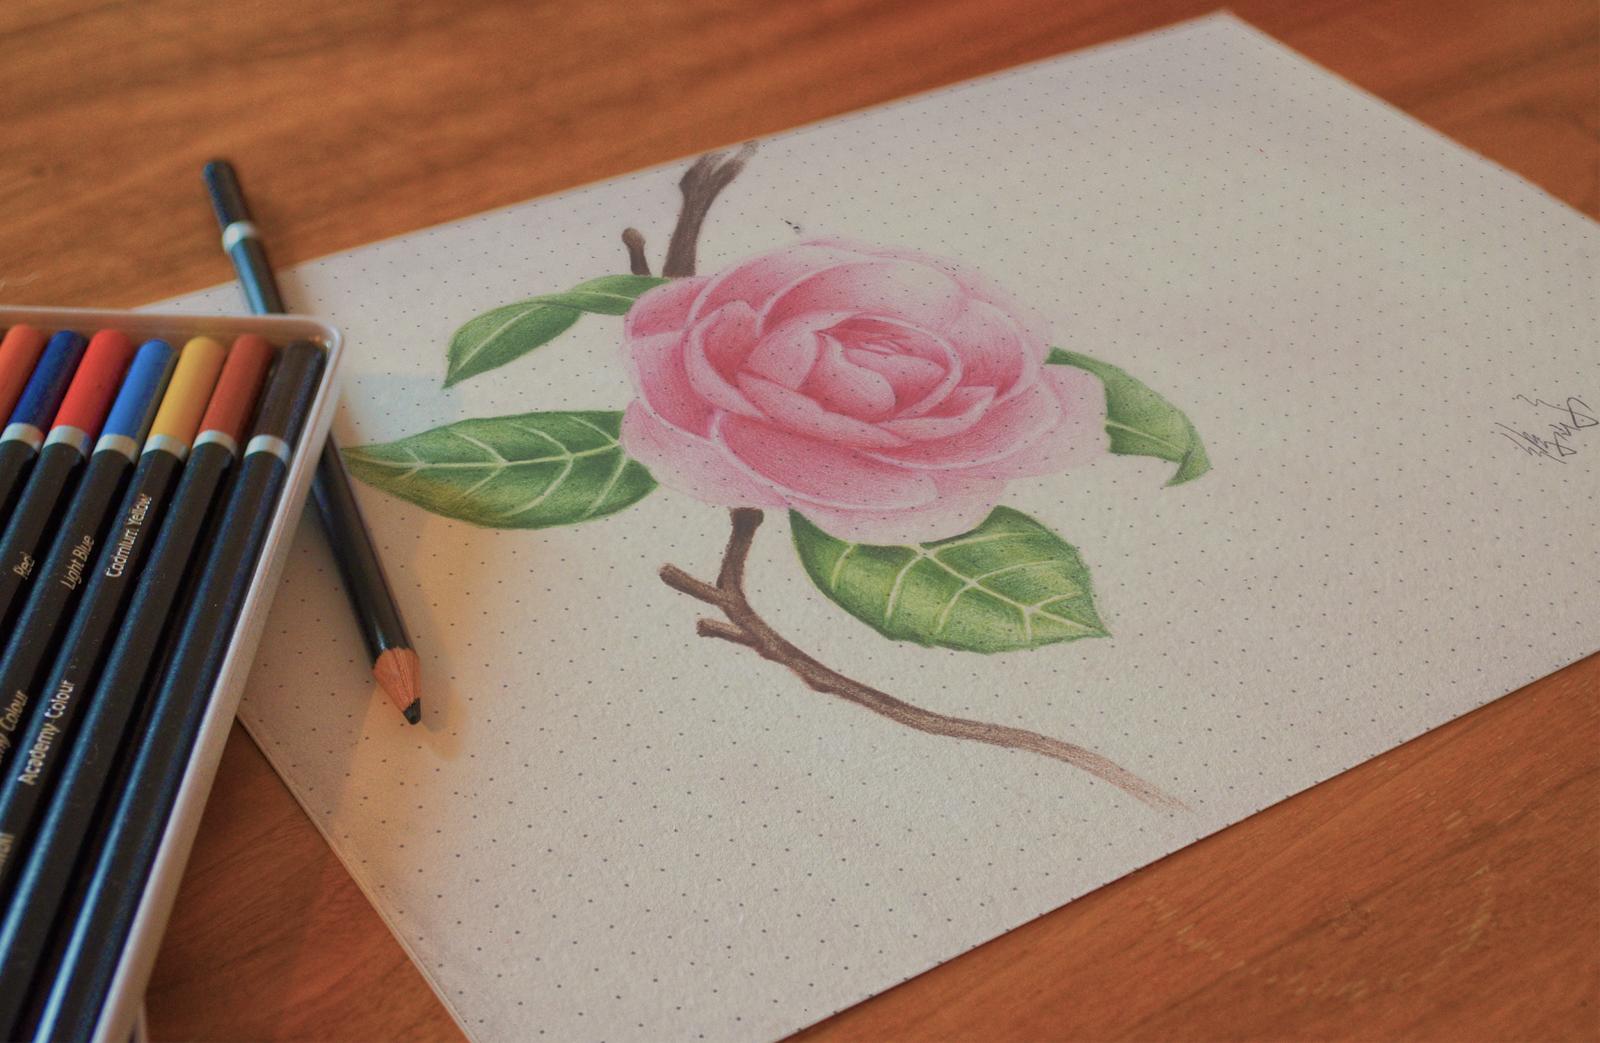 山茶花 手绘 素描 彩铅 超写实 图标